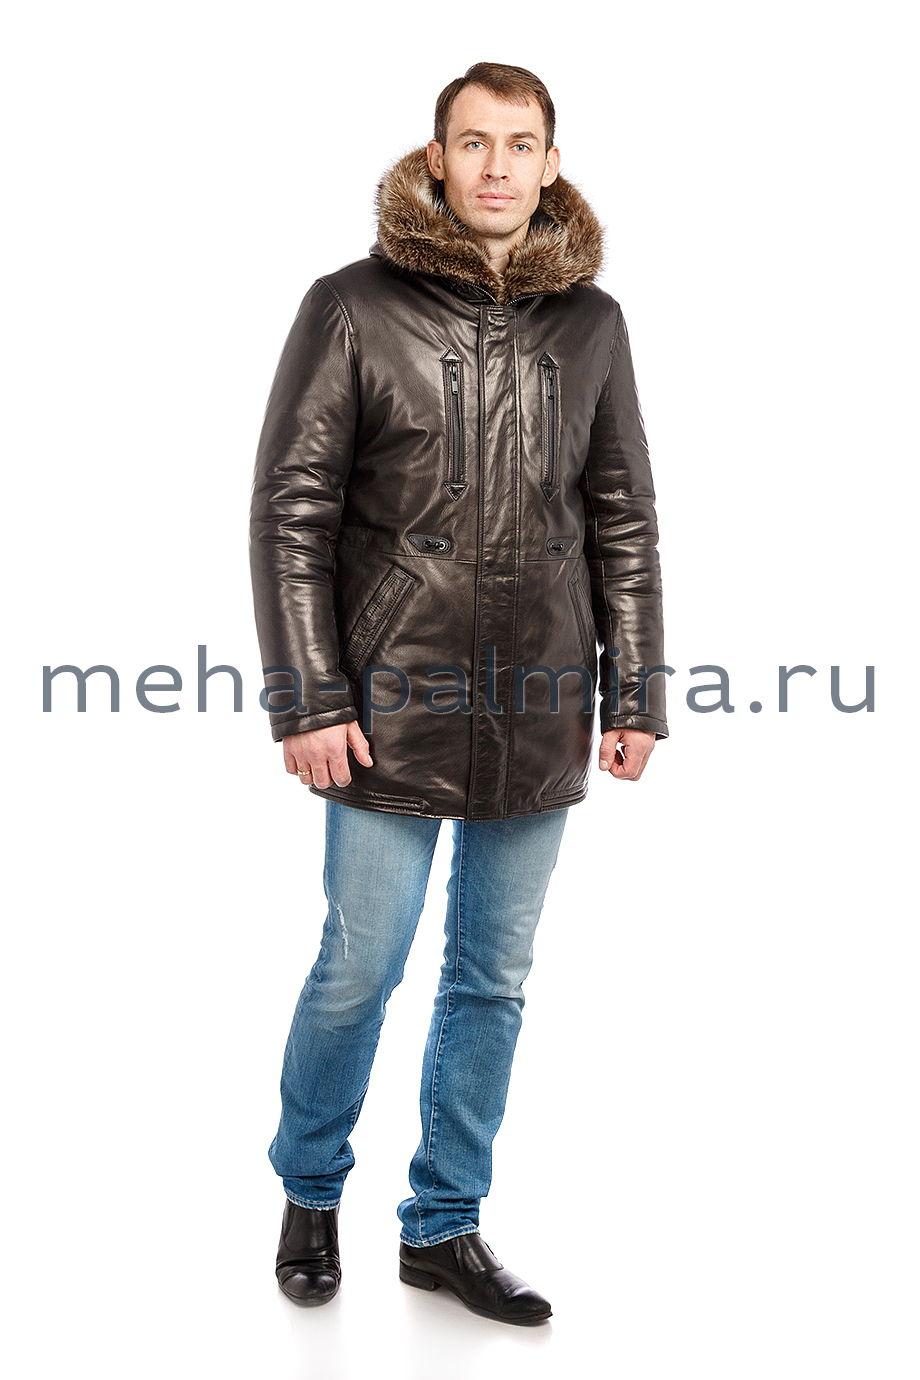 Пуховик мужской кожаный с капюшоном